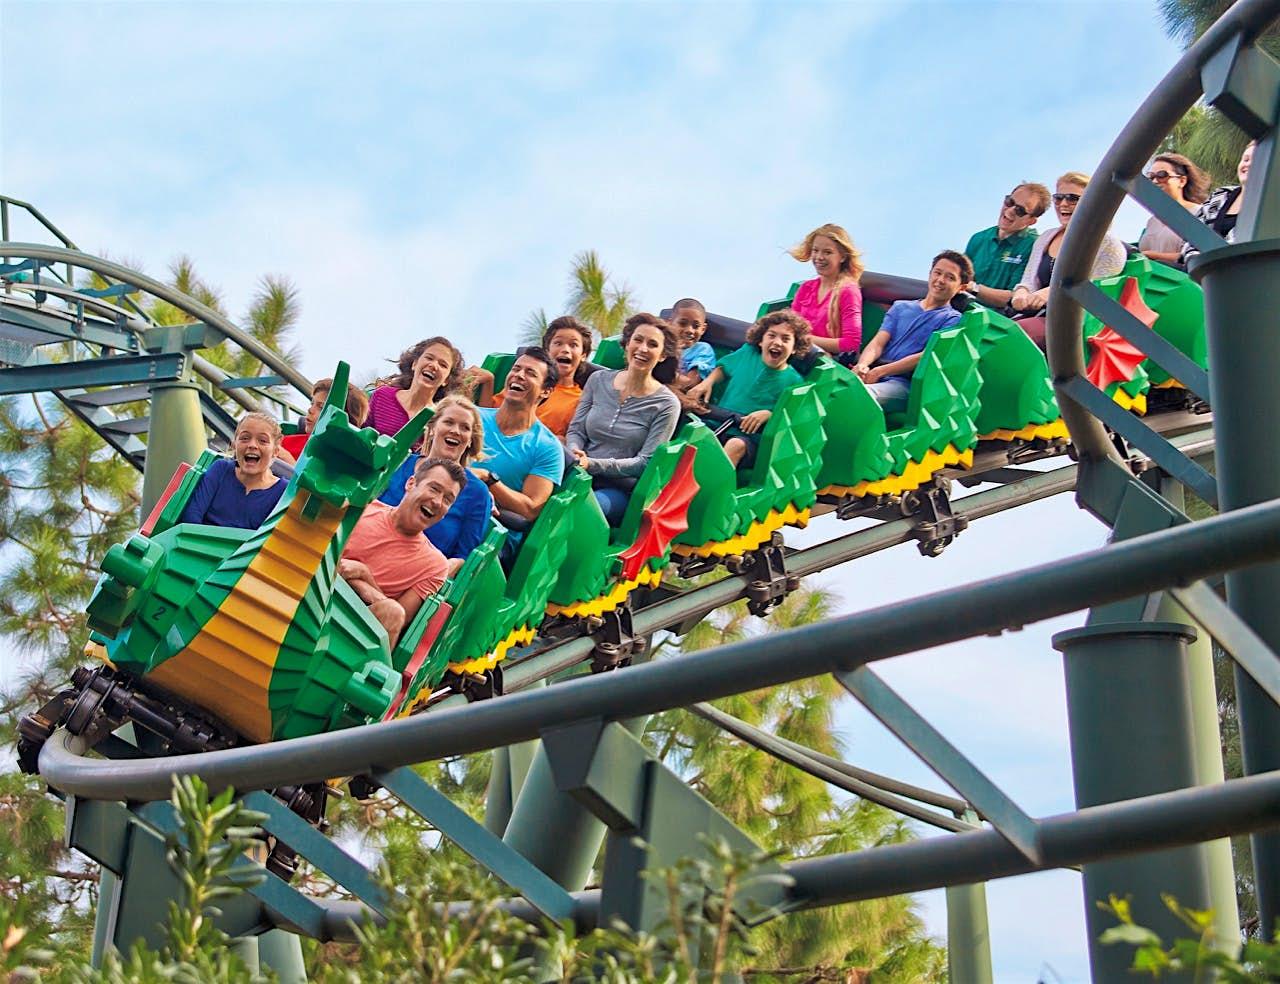 Pessoas andando na montanha russa Legoland New York - uma montanha russa projetada para parecer um dragão feito de tijolos Lego verdes, laranja, amarelos e vermelhos